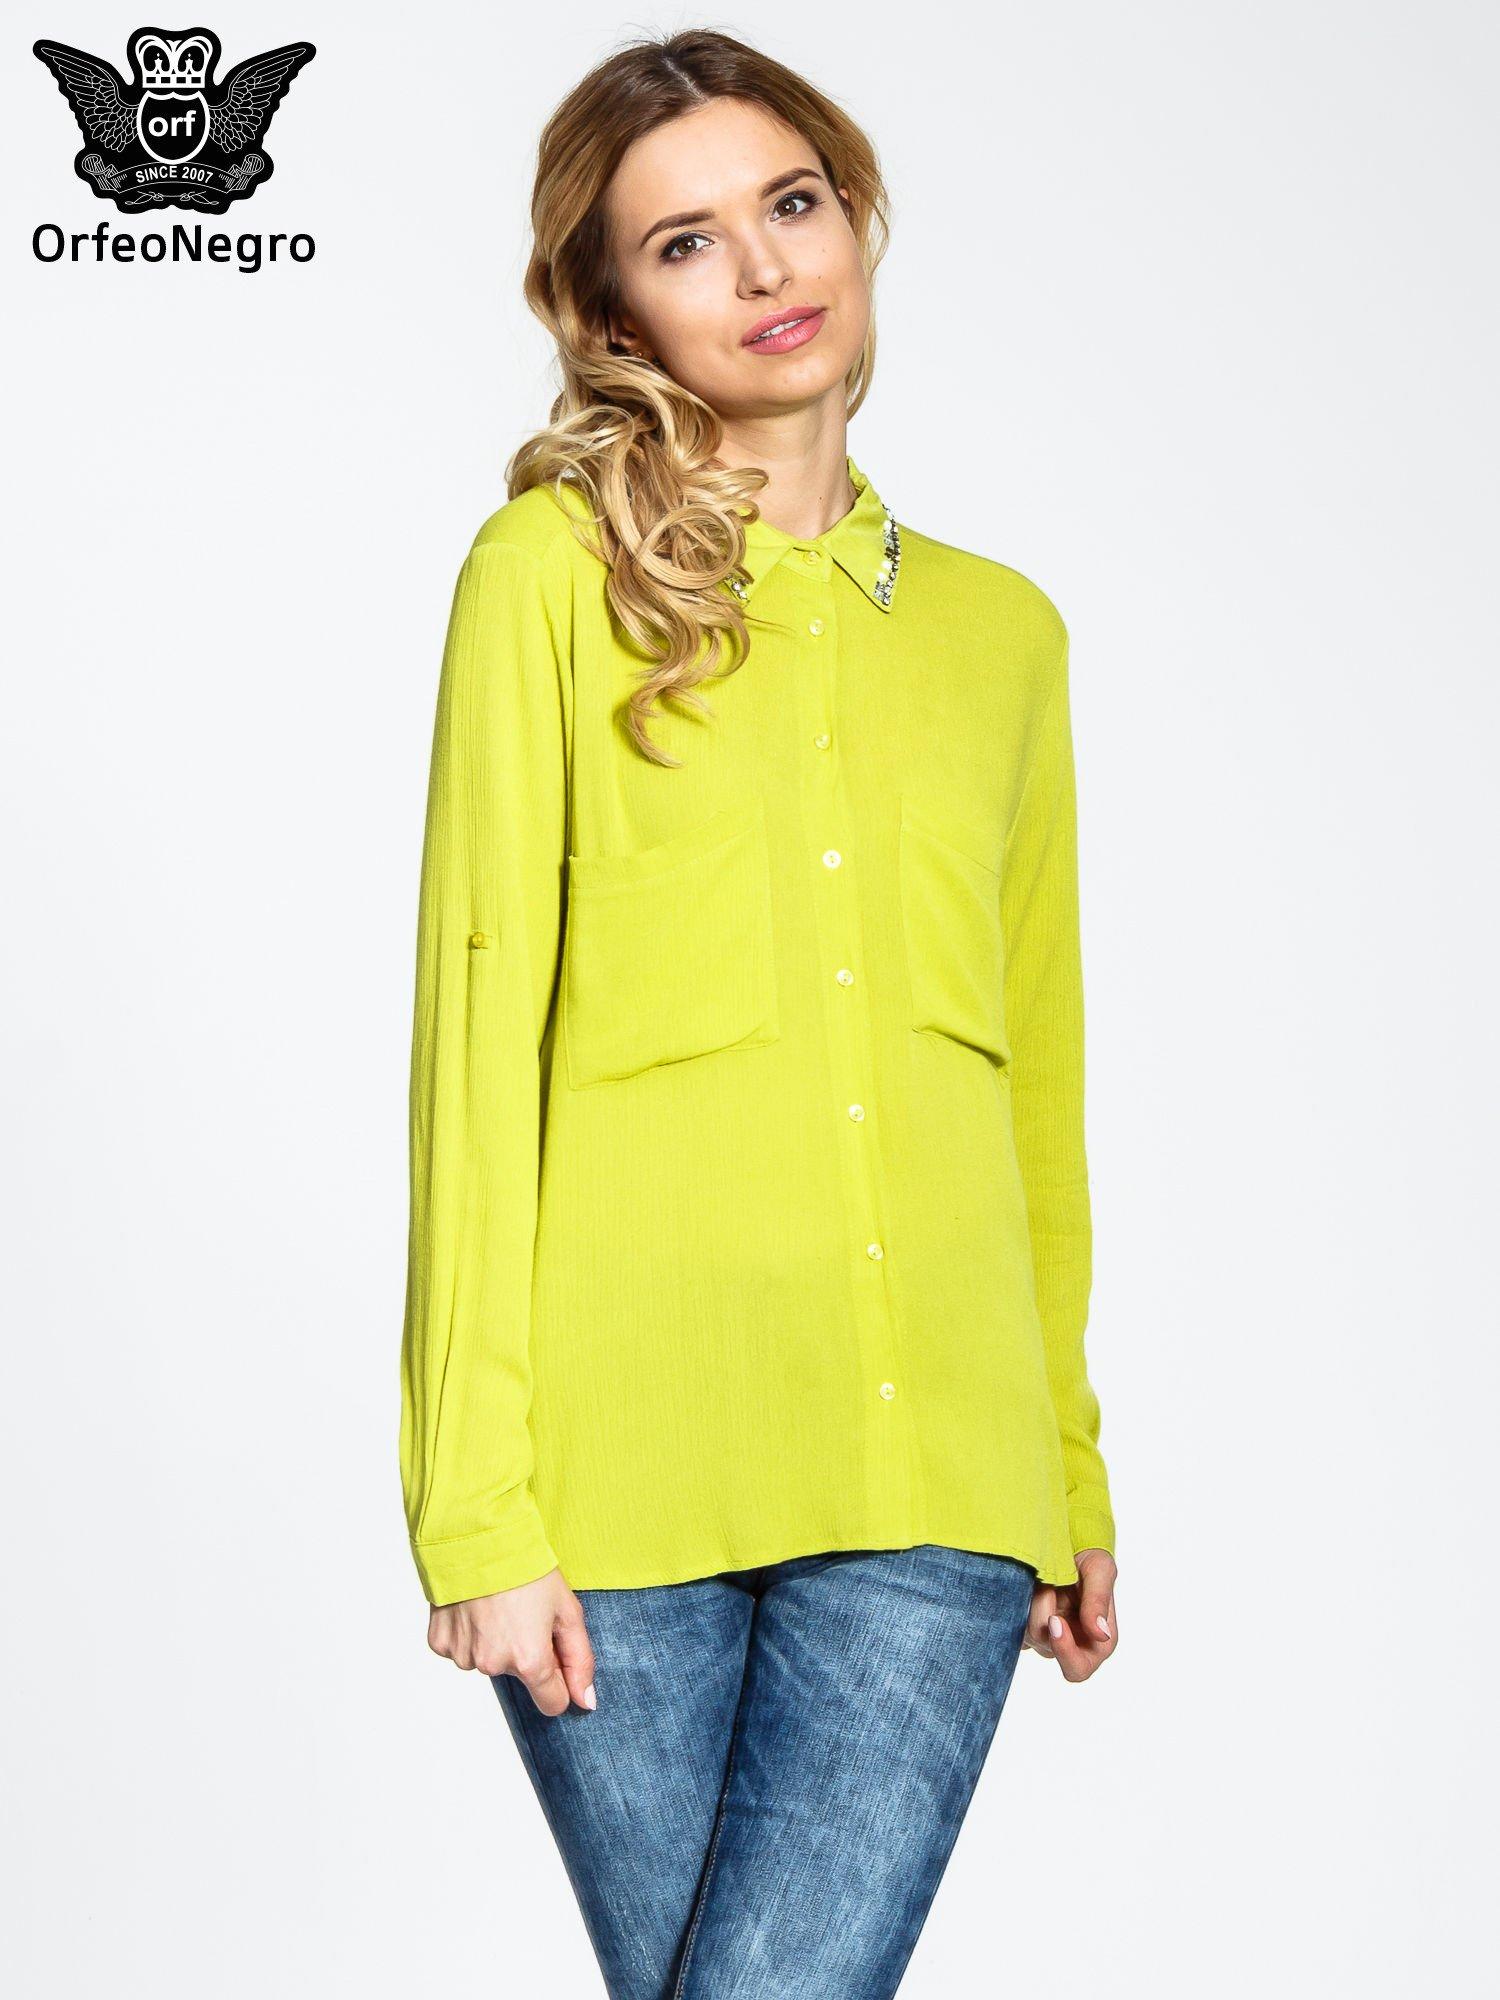 Żółta koszula z biżuteryjnym kołnierzykiem i kieszonkami                                  zdj.                                  1